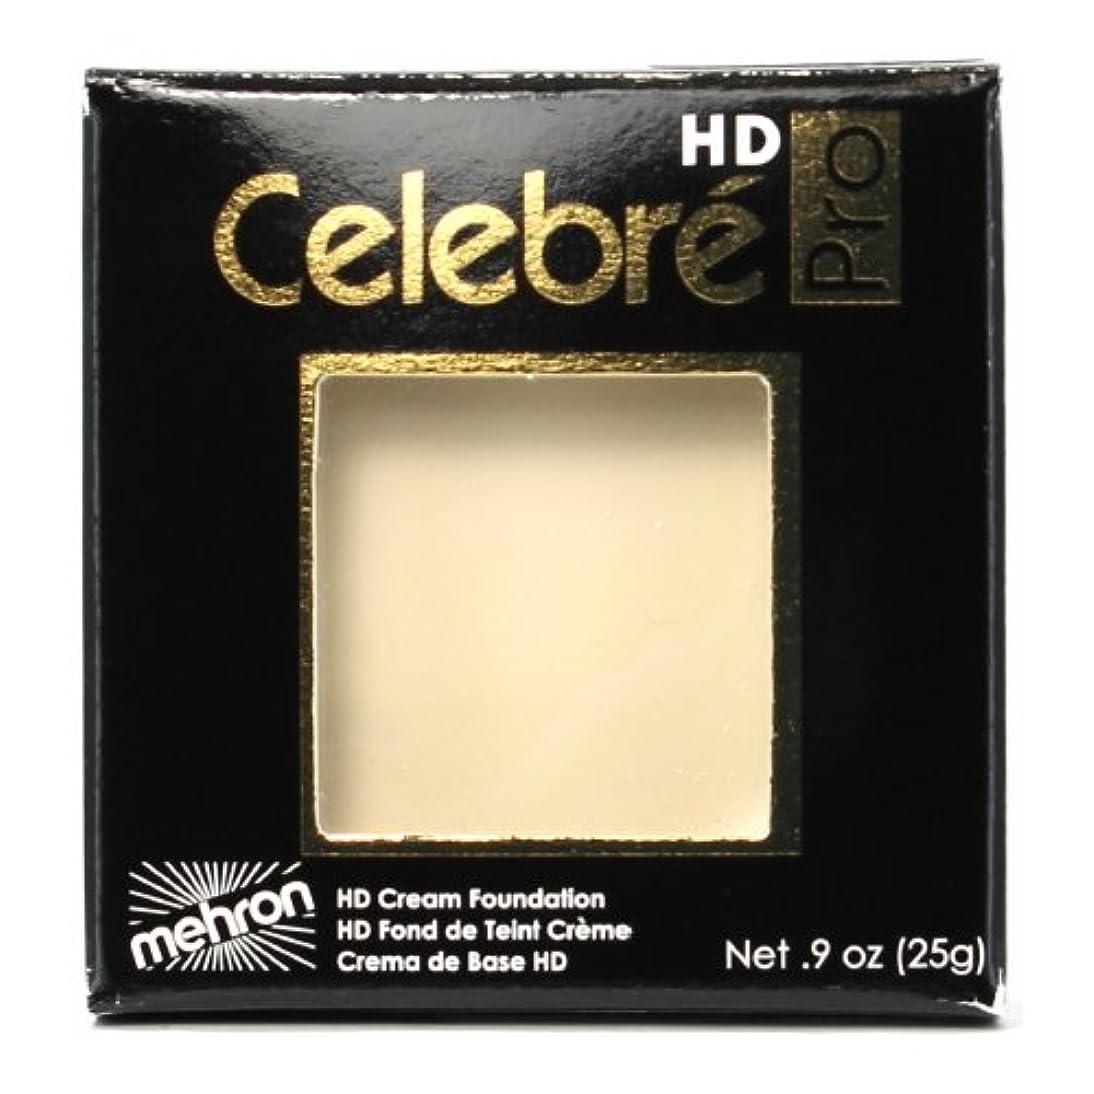 スクラップ仮称ありがたい(3 Pack) mehron Celebre Pro HD Make-Up - Eurasia Ivory (並行輸入品)